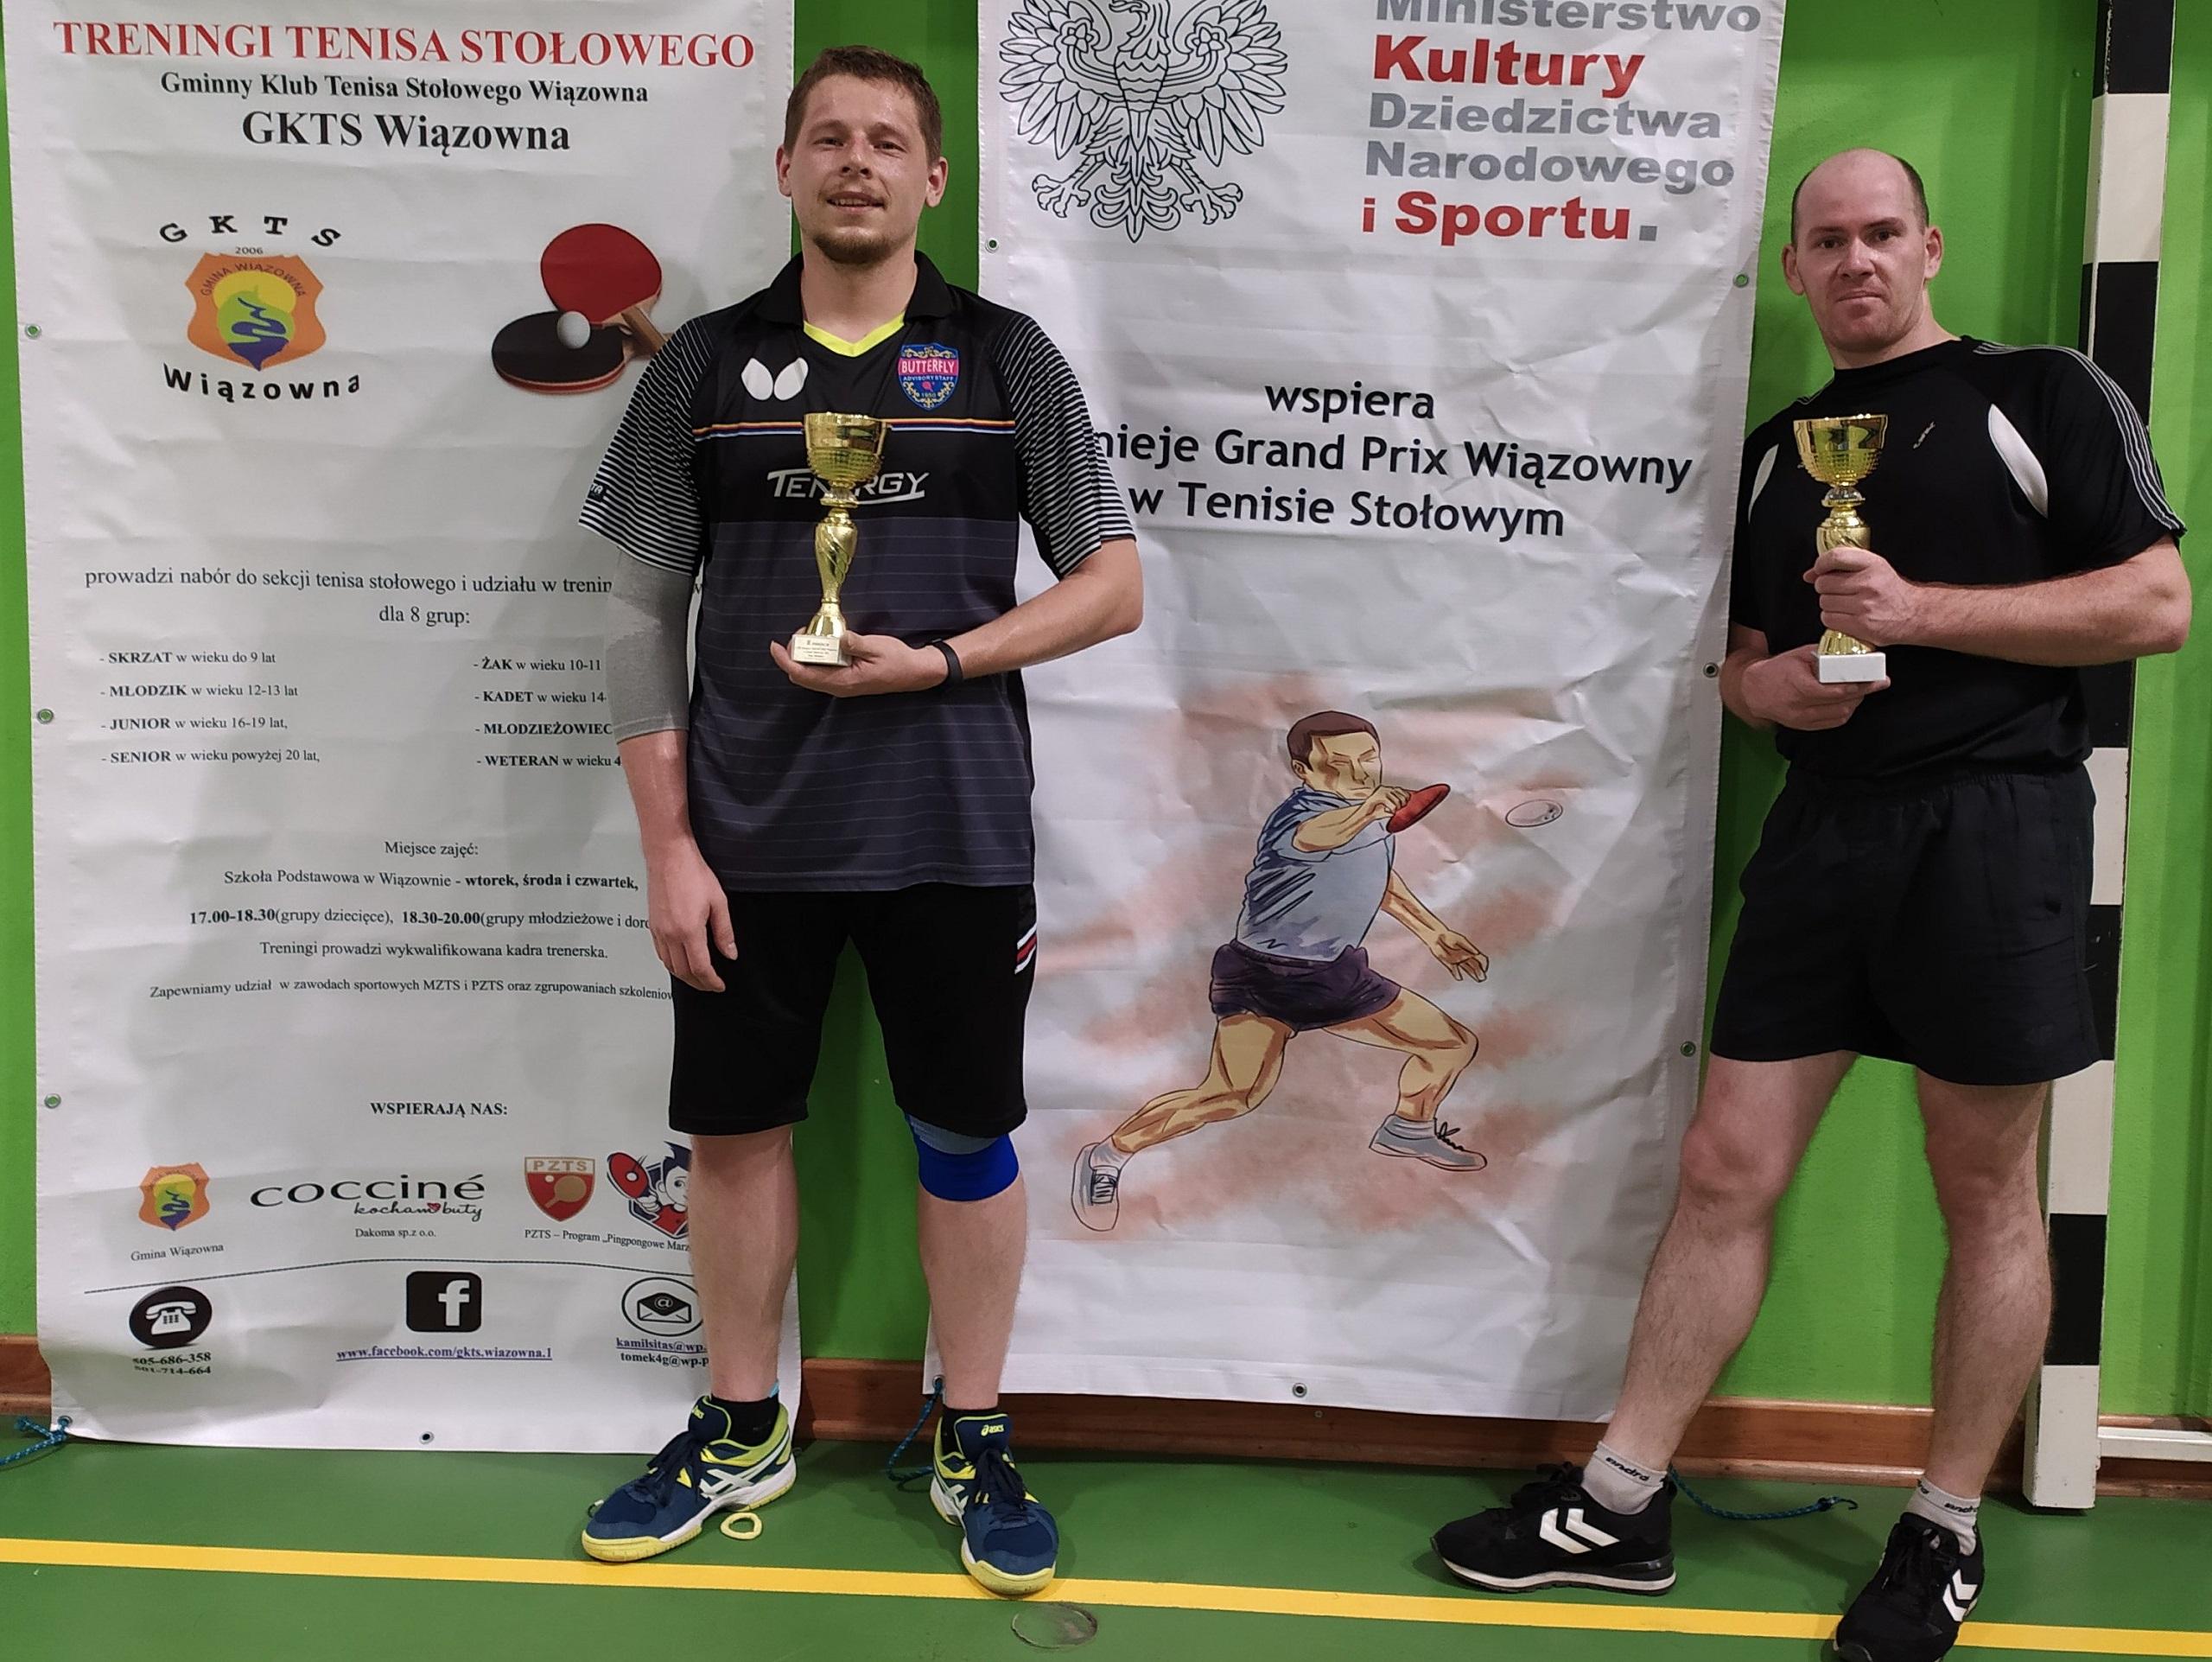 Zawodnicy podczas III Turnieju Grand Prix Wiązowny w Tenisie Stołowym 2021